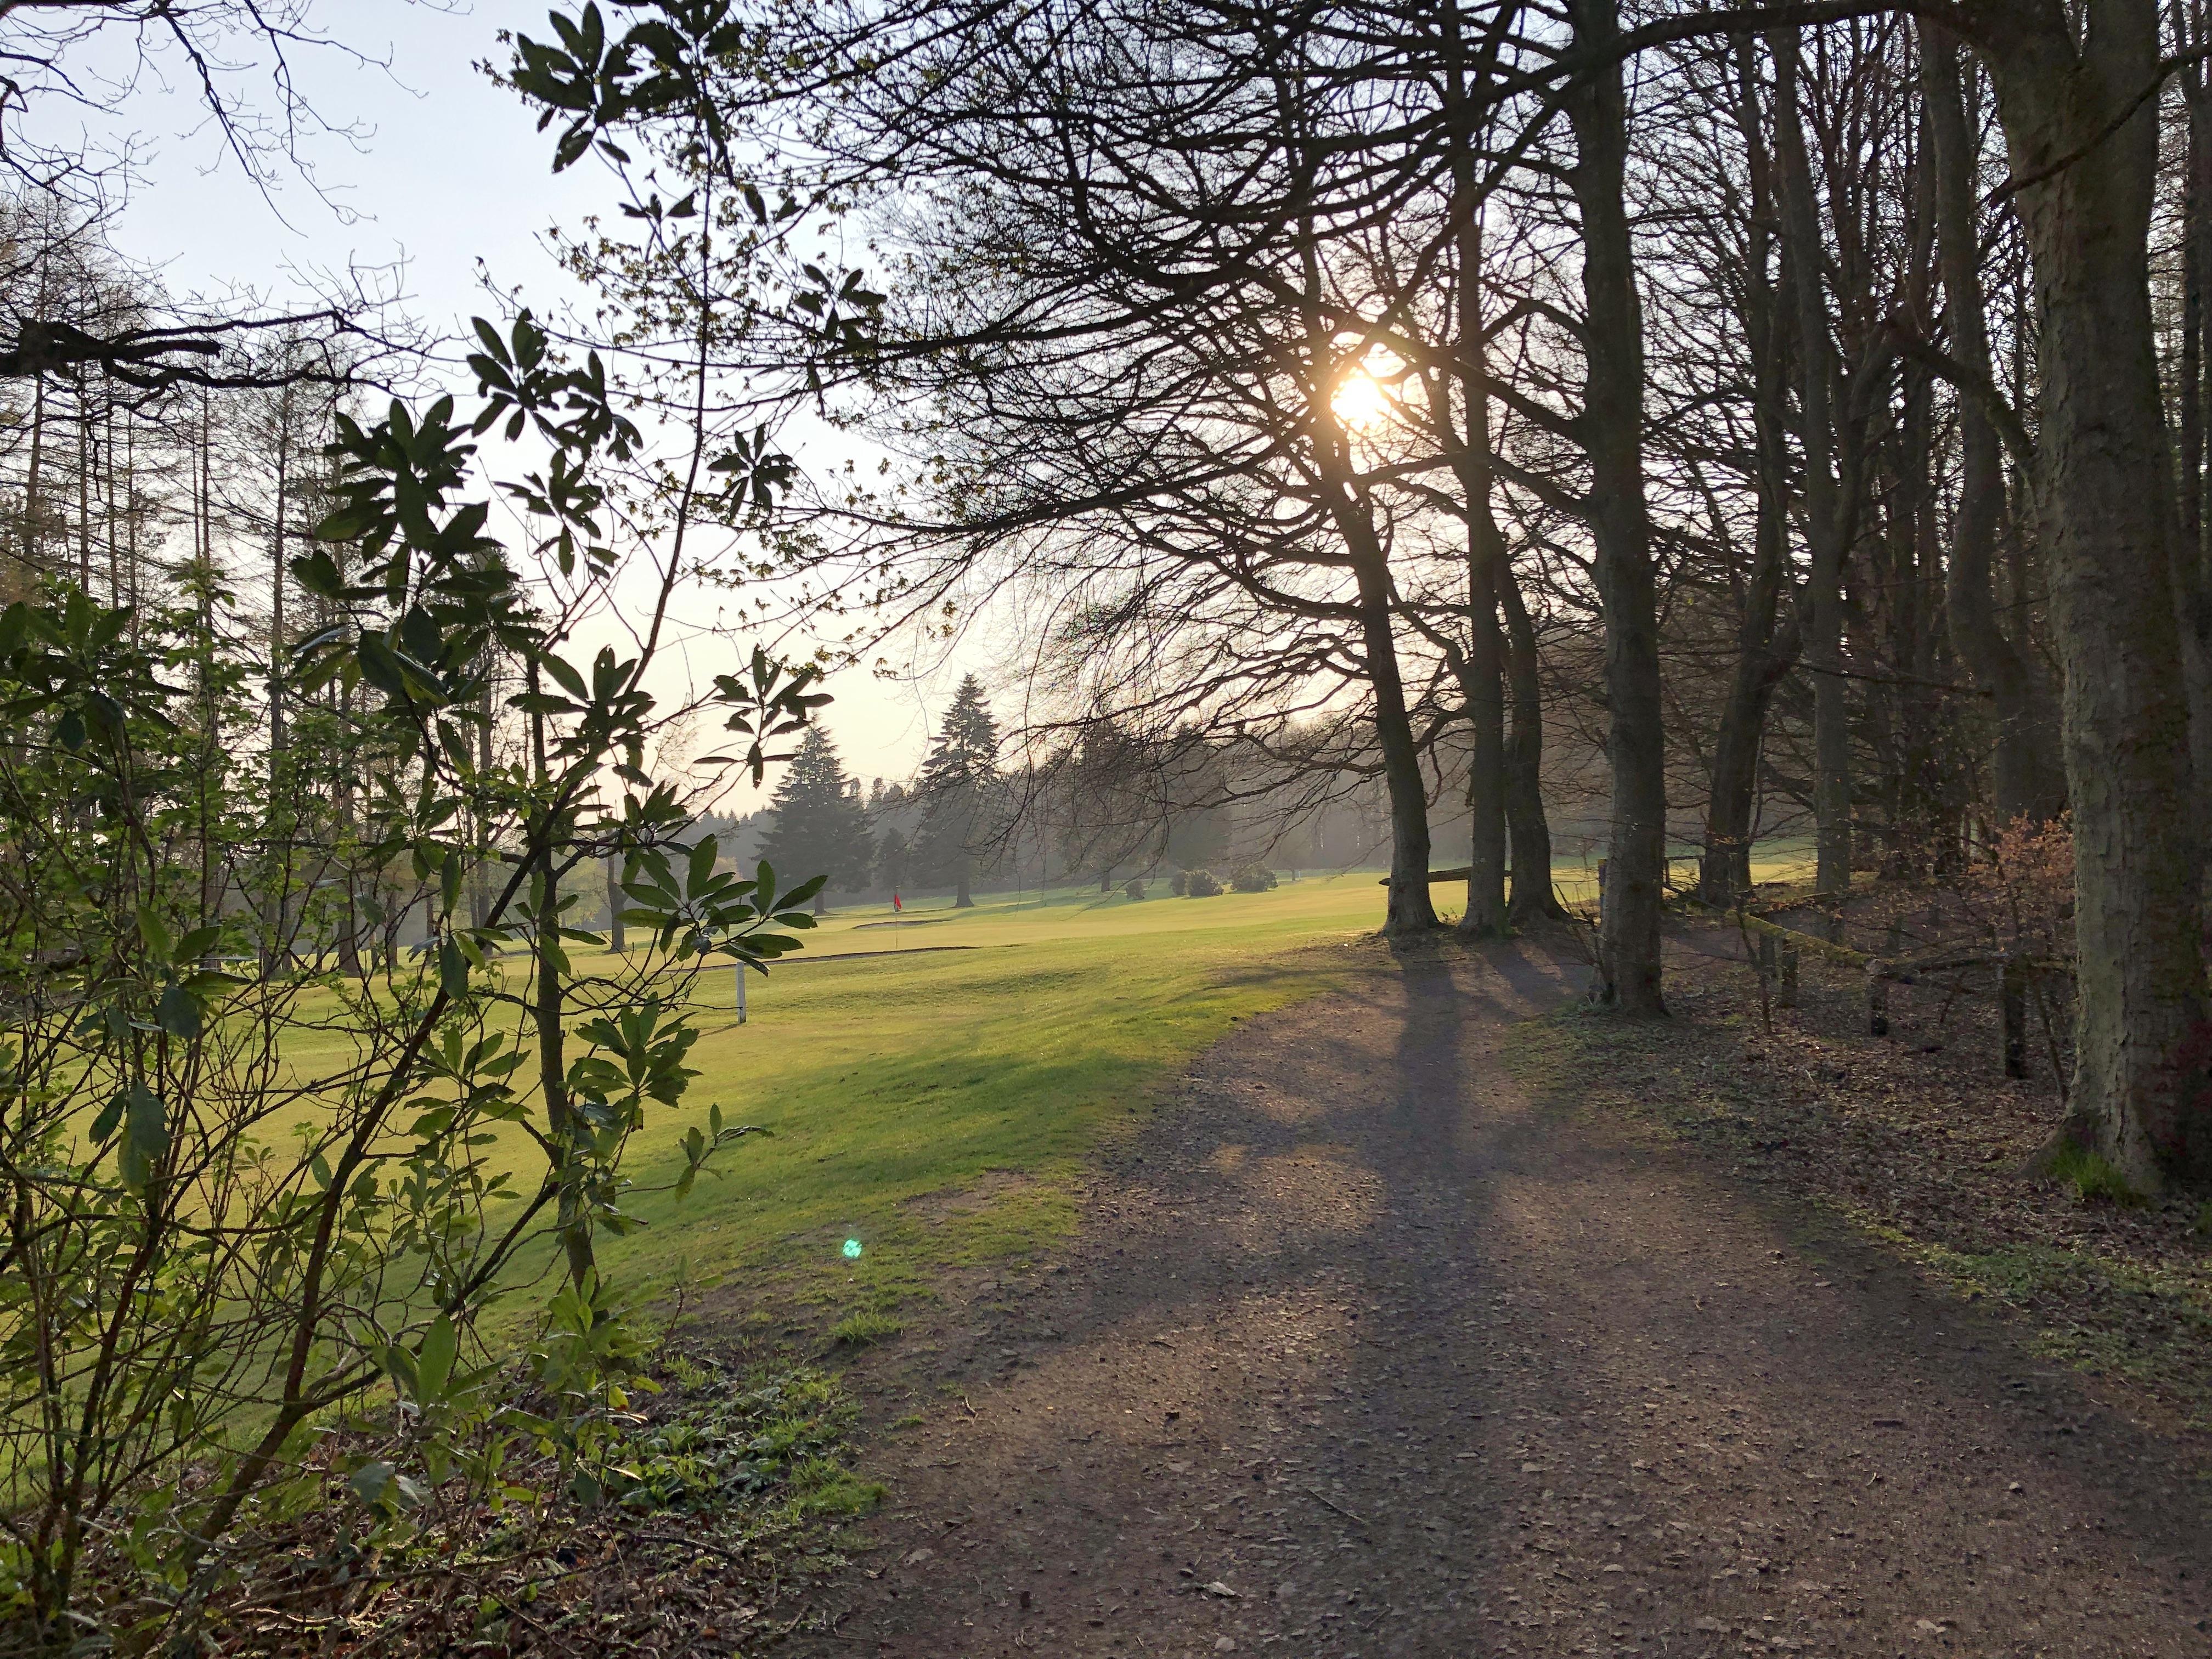 Camperdown Park Dundee during dusk